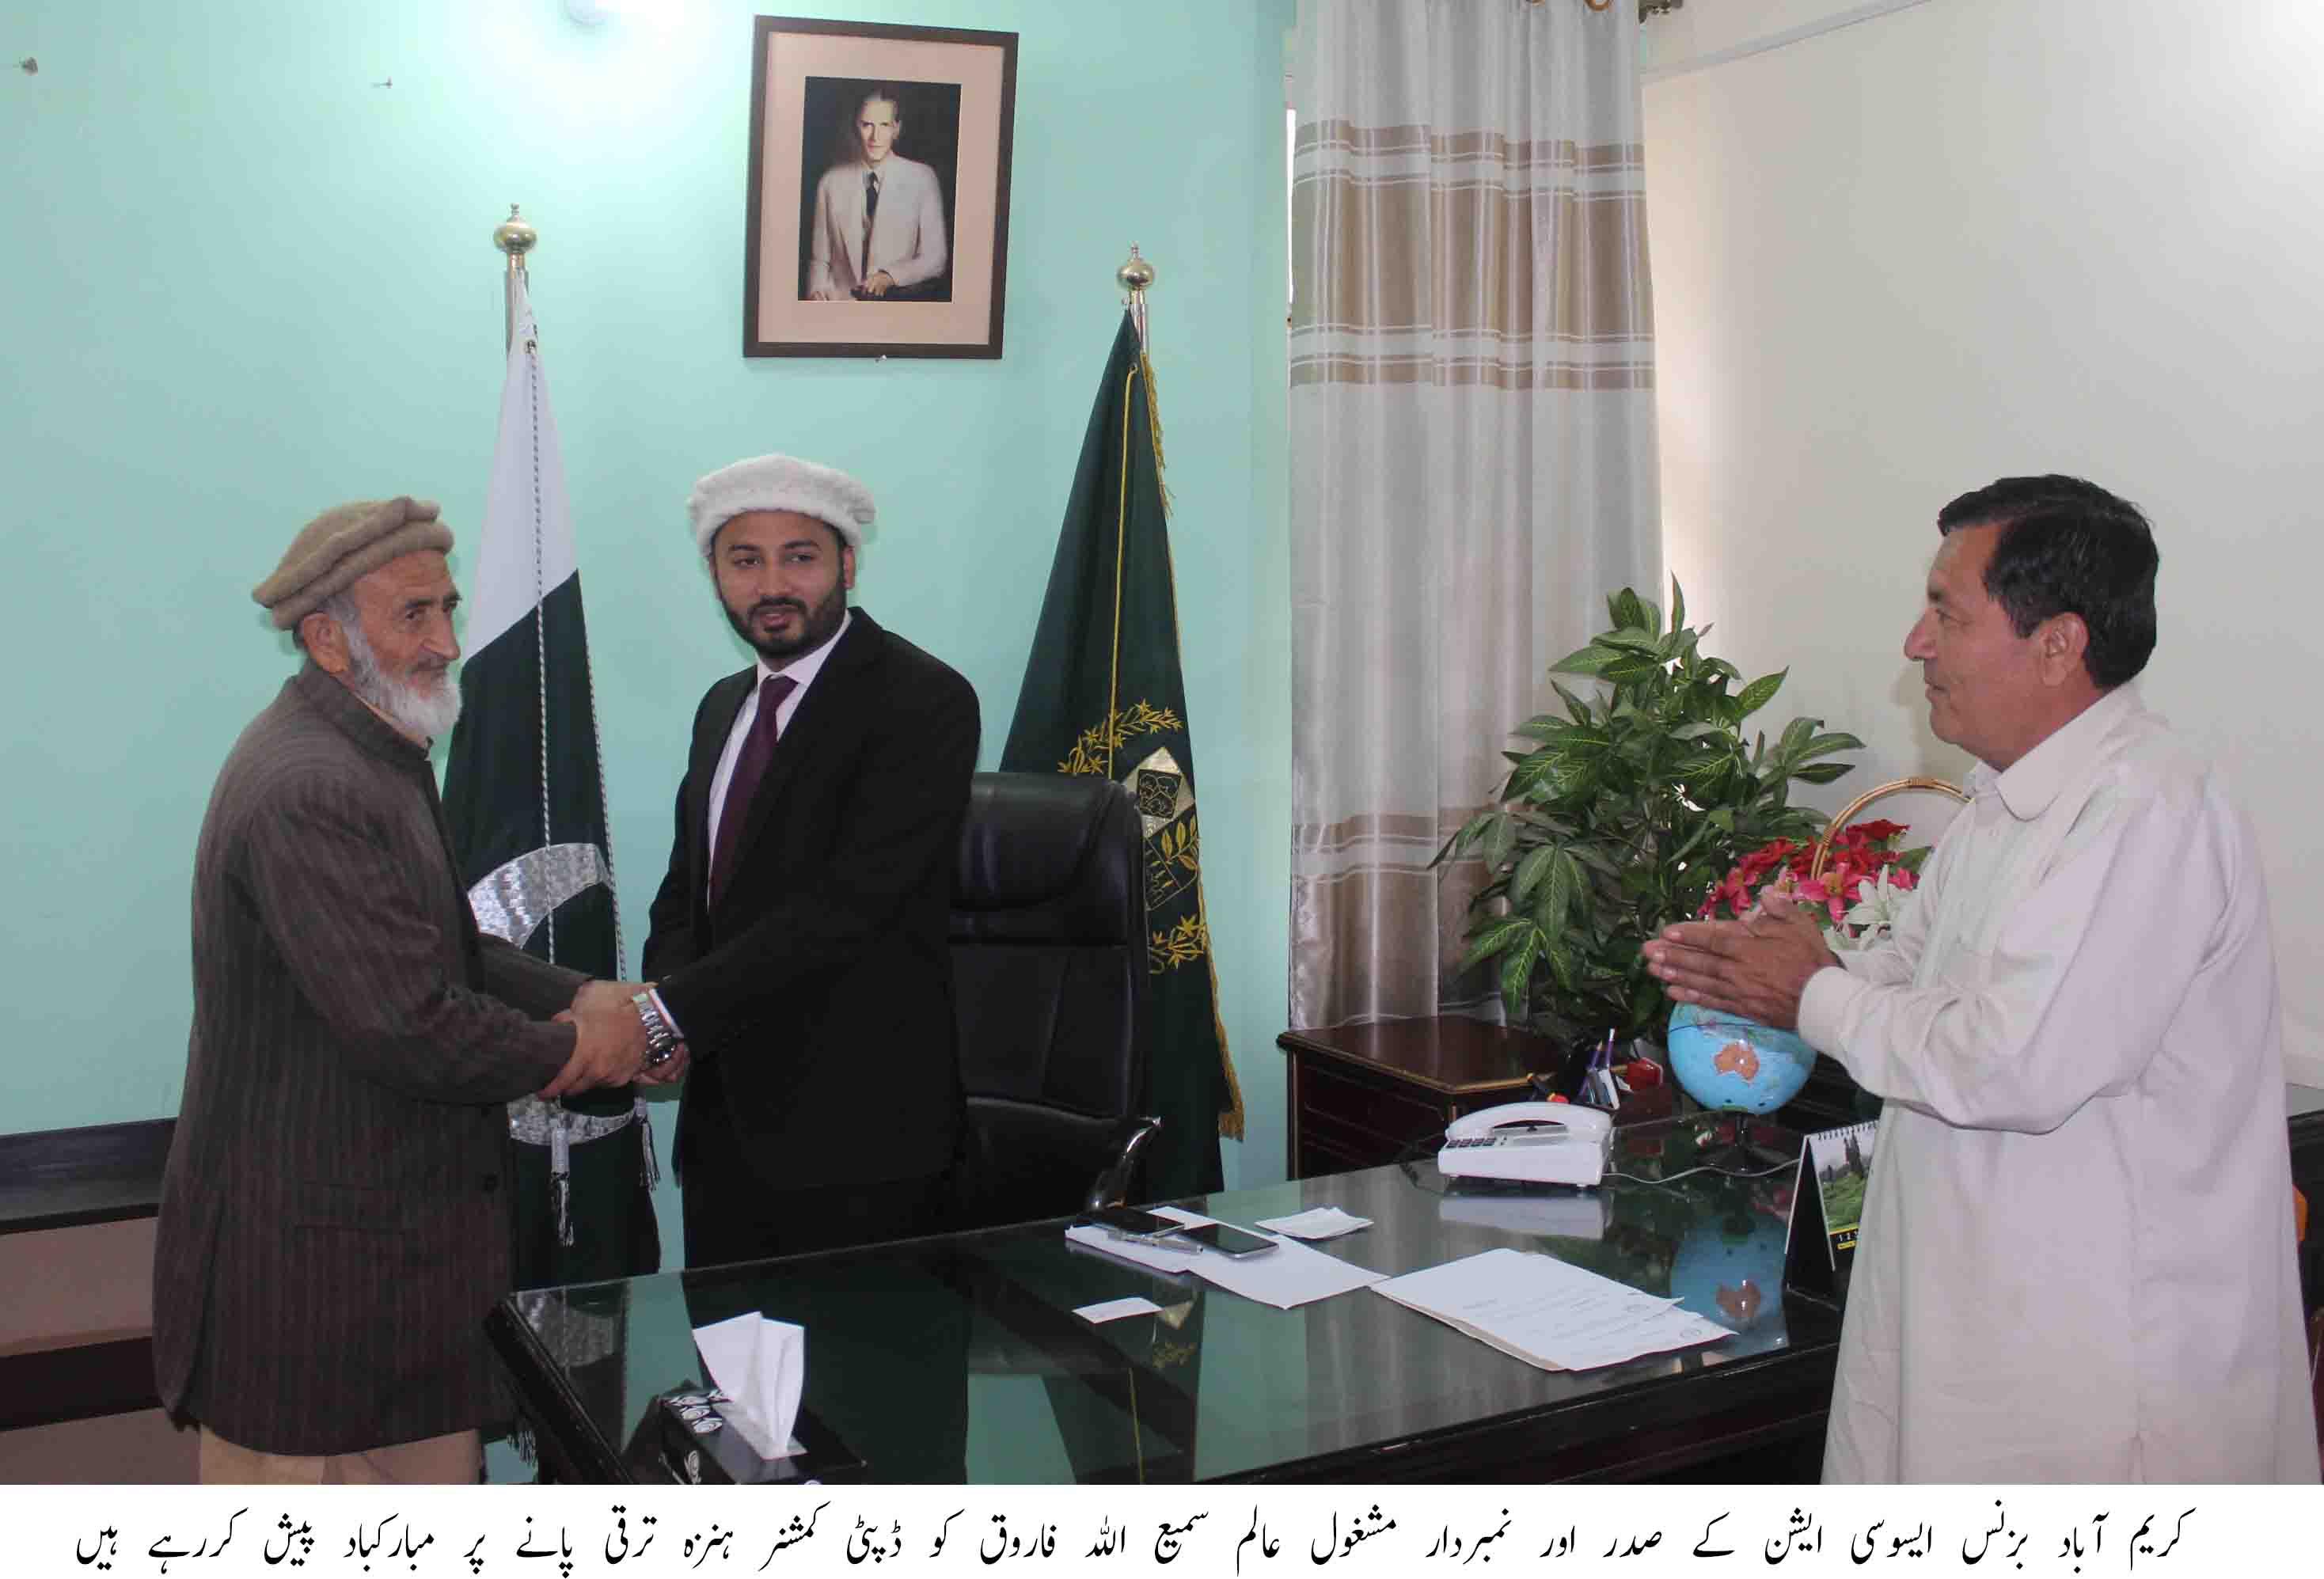 کریم آباد بزنس ایسوسی ایشن کے وفد کی ڈپٹی کمشنر سے ملاقات، تعیناتی پر مبارکباد دی